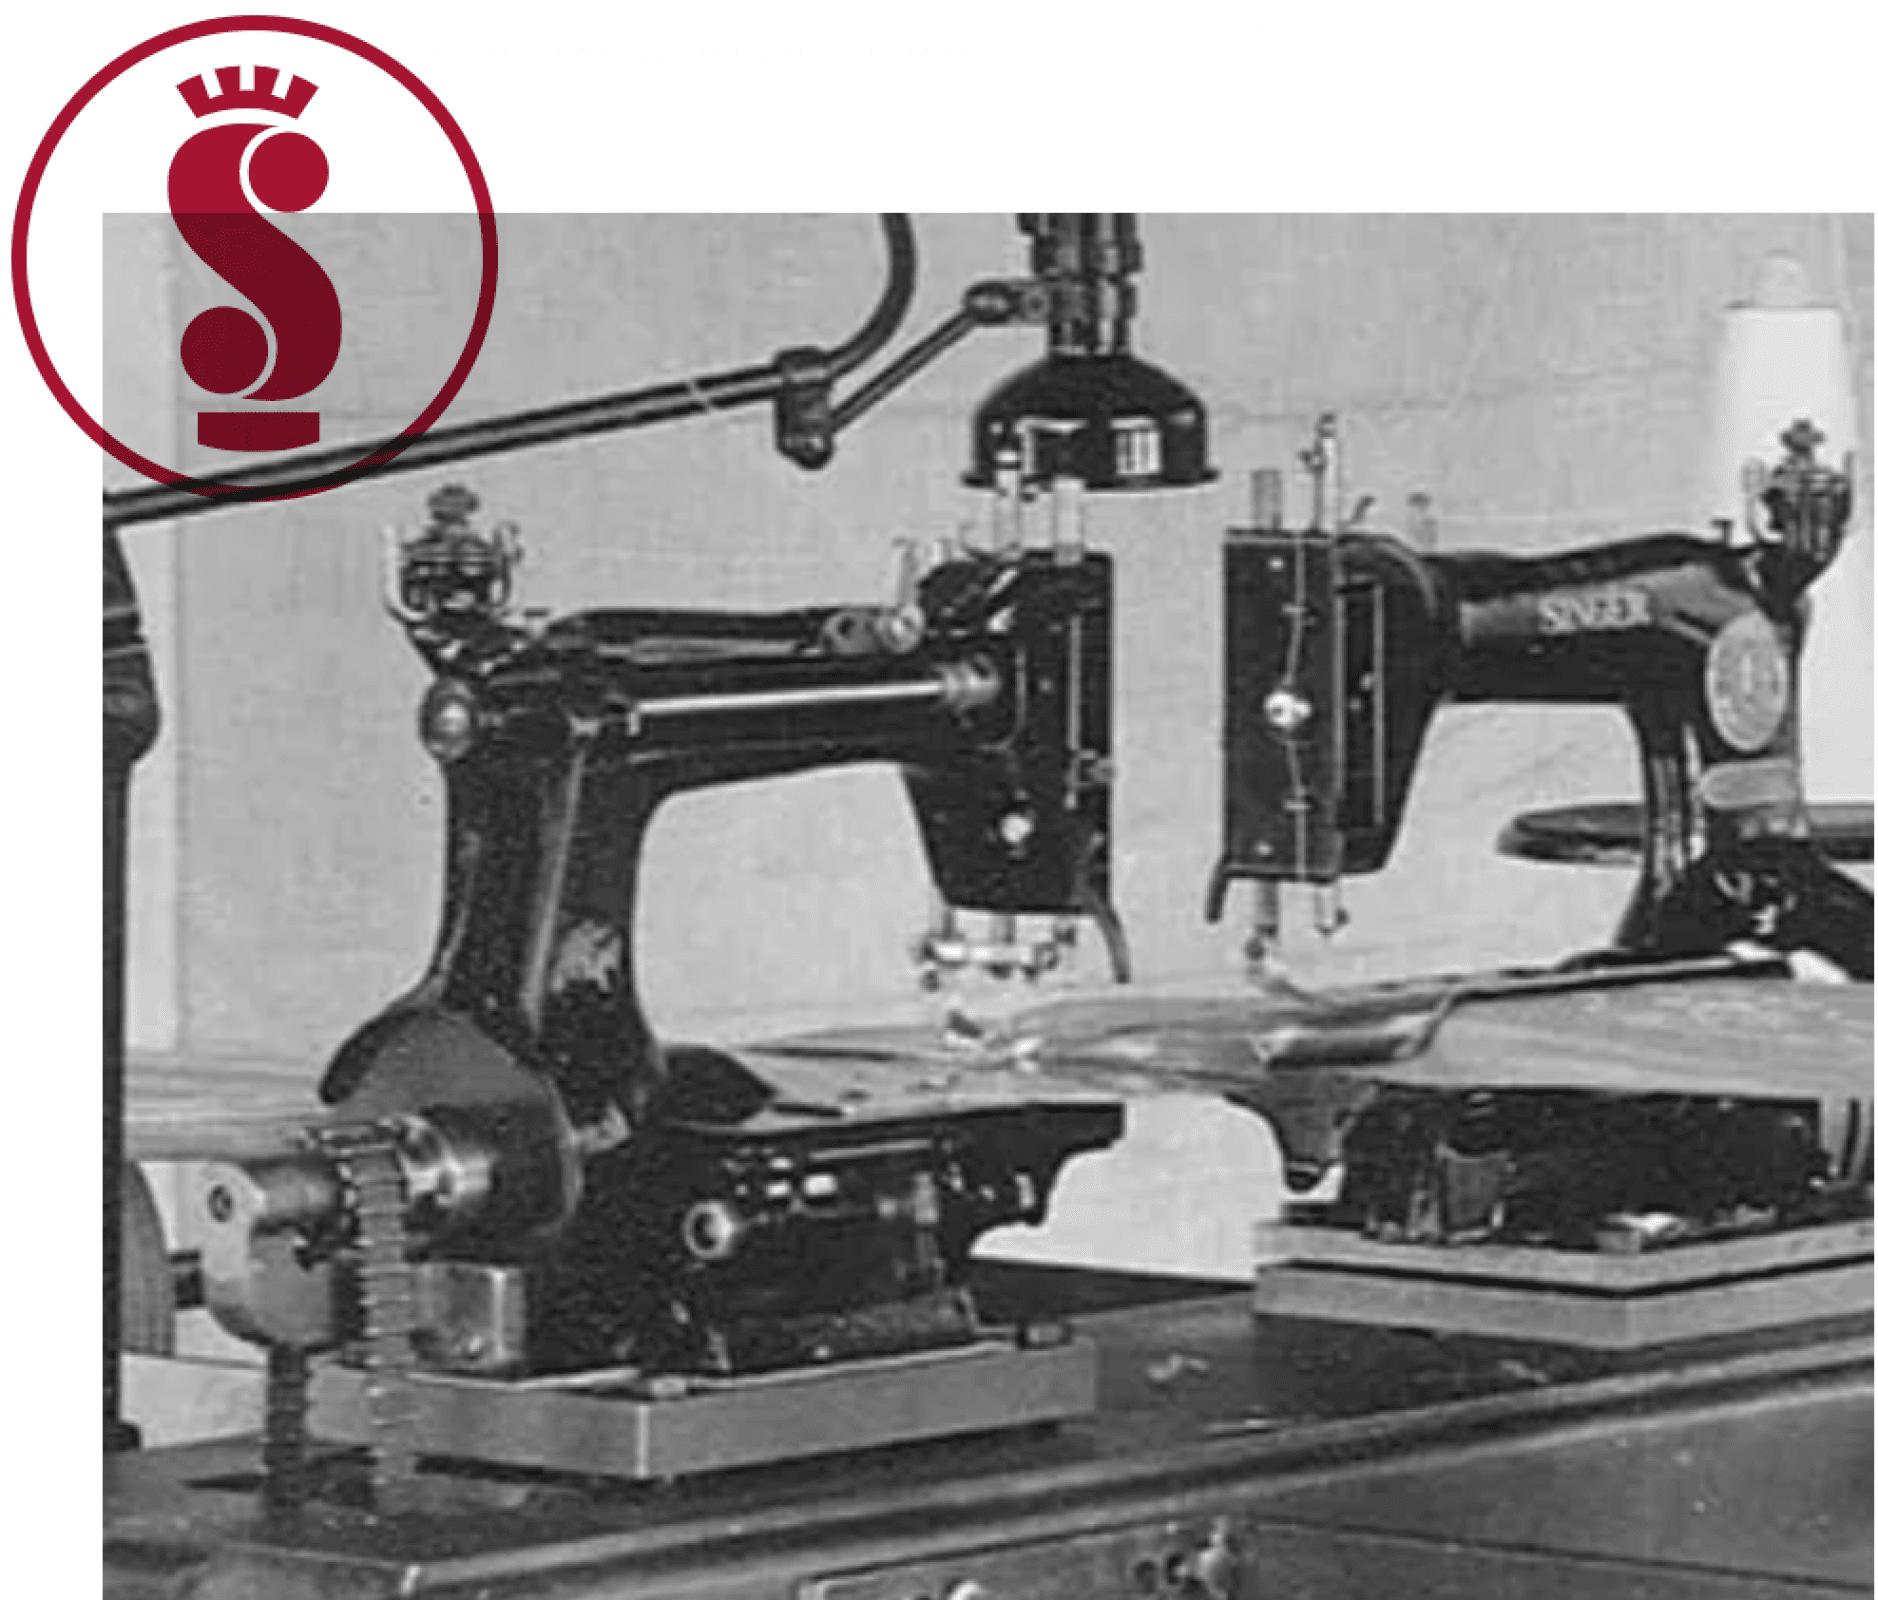 Detalhe máquina de costura simmons